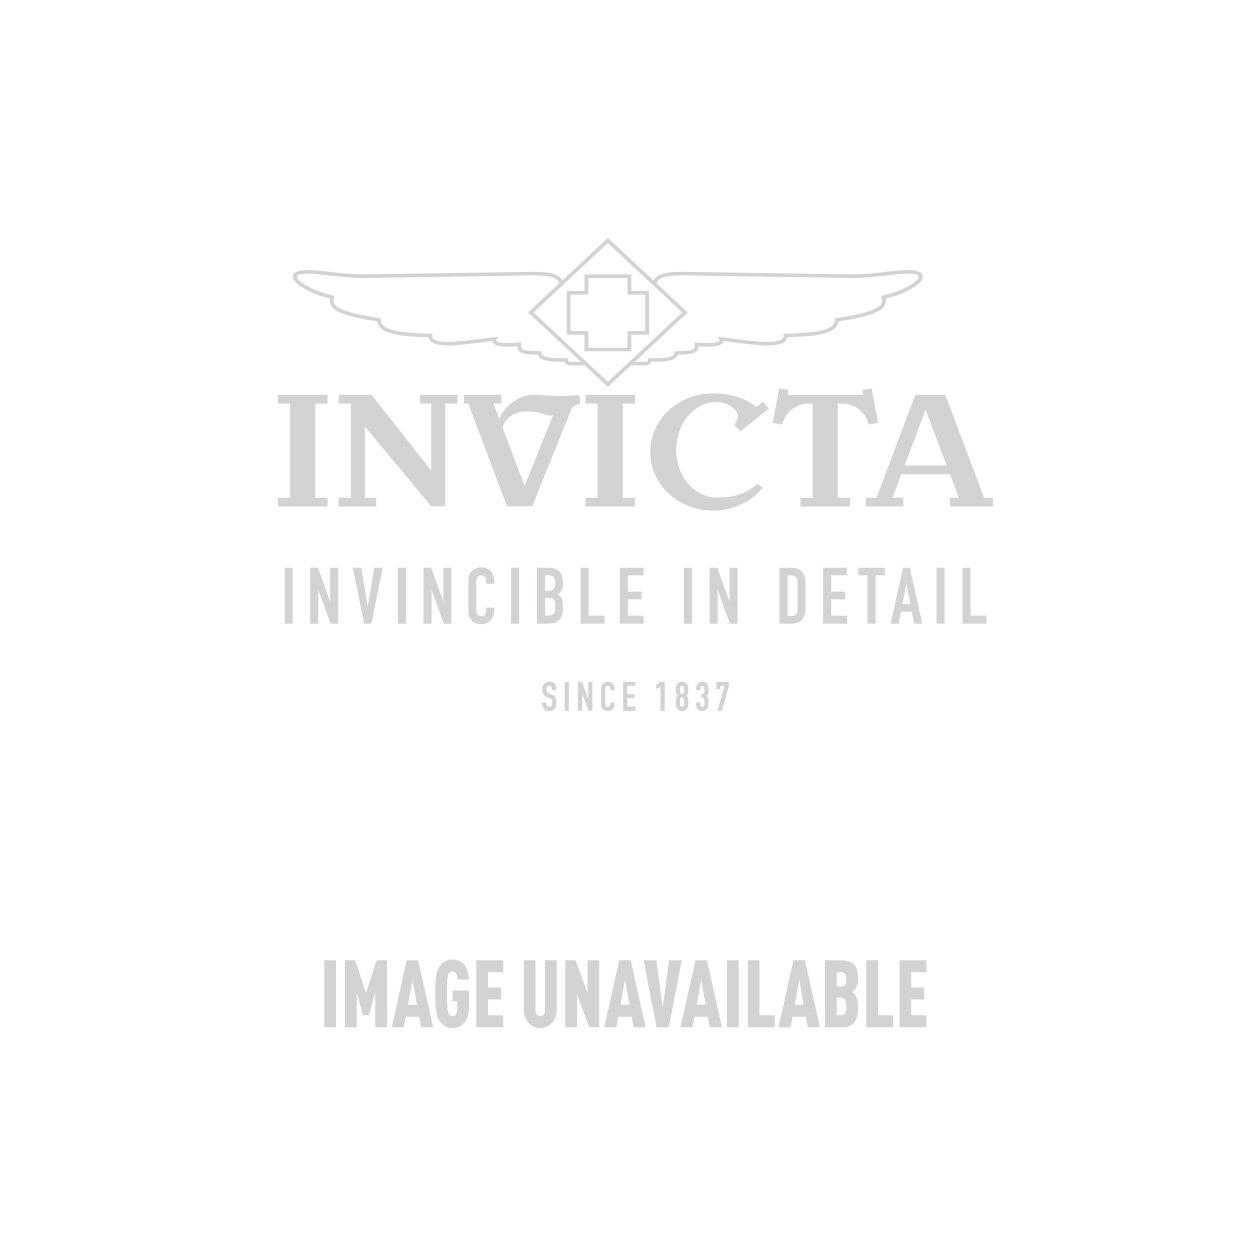 Invicta Model 25194